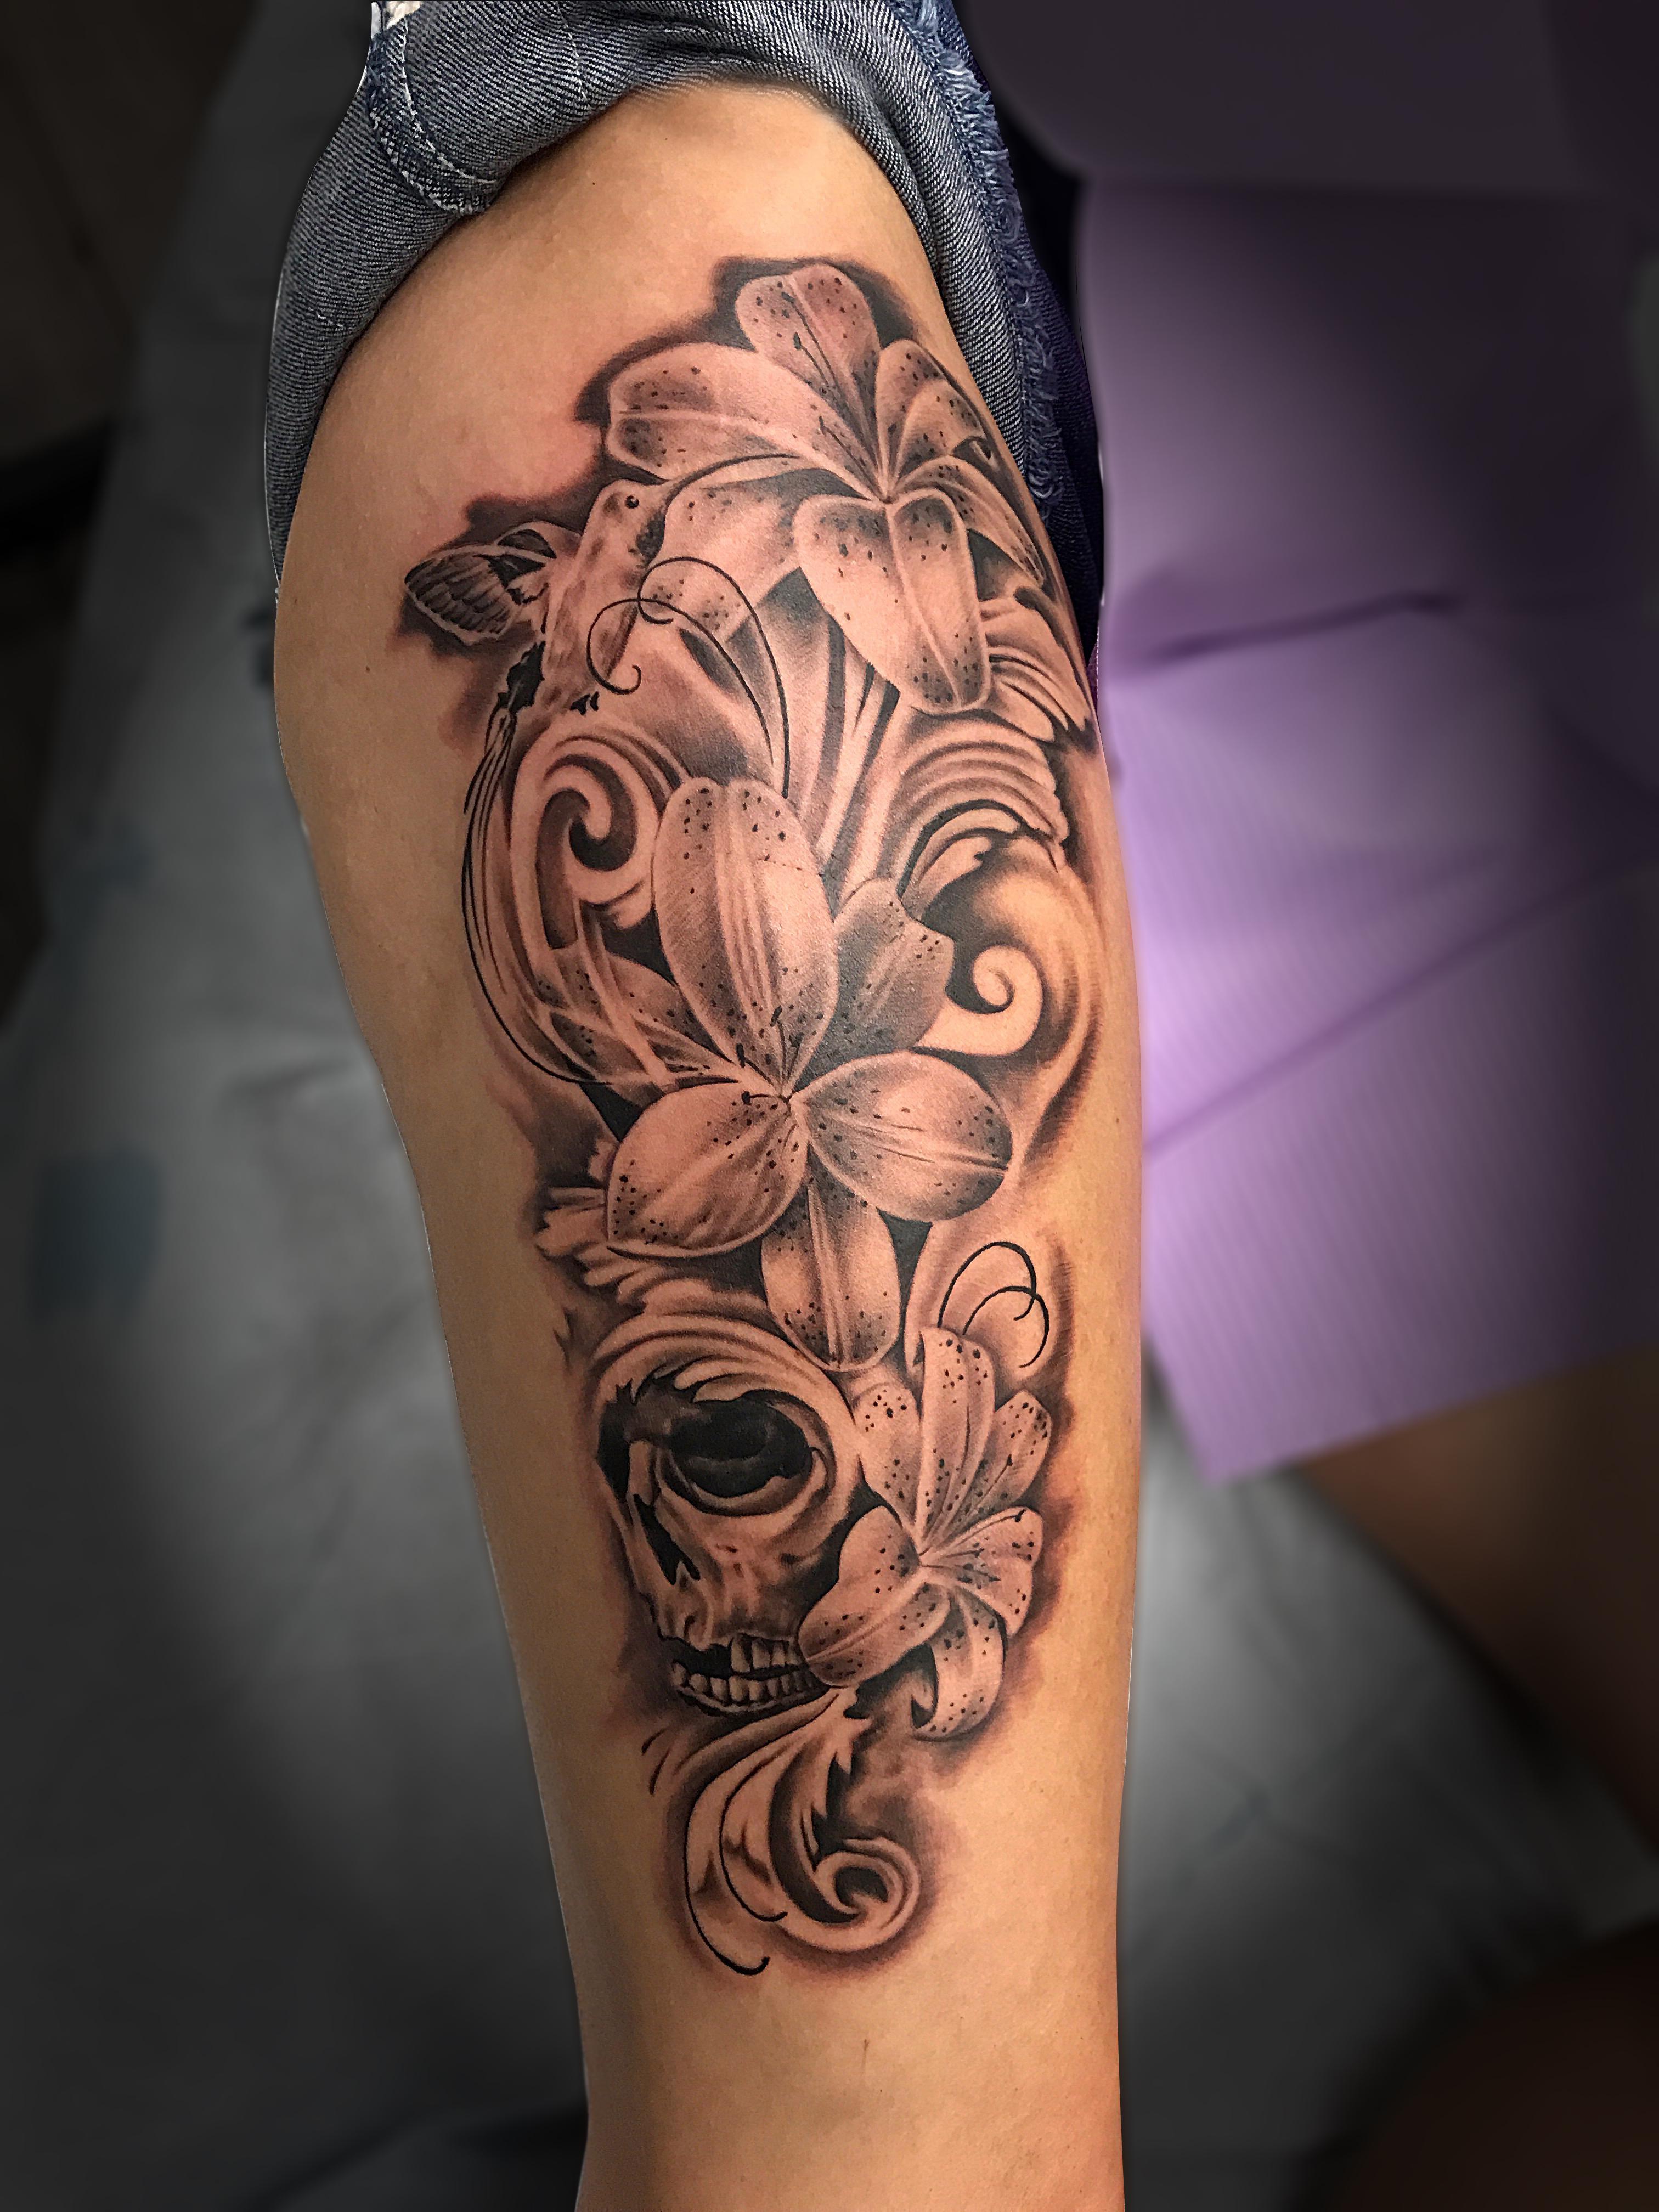 Q Tattoo in Huntington Beach - Quan - leg floral skull